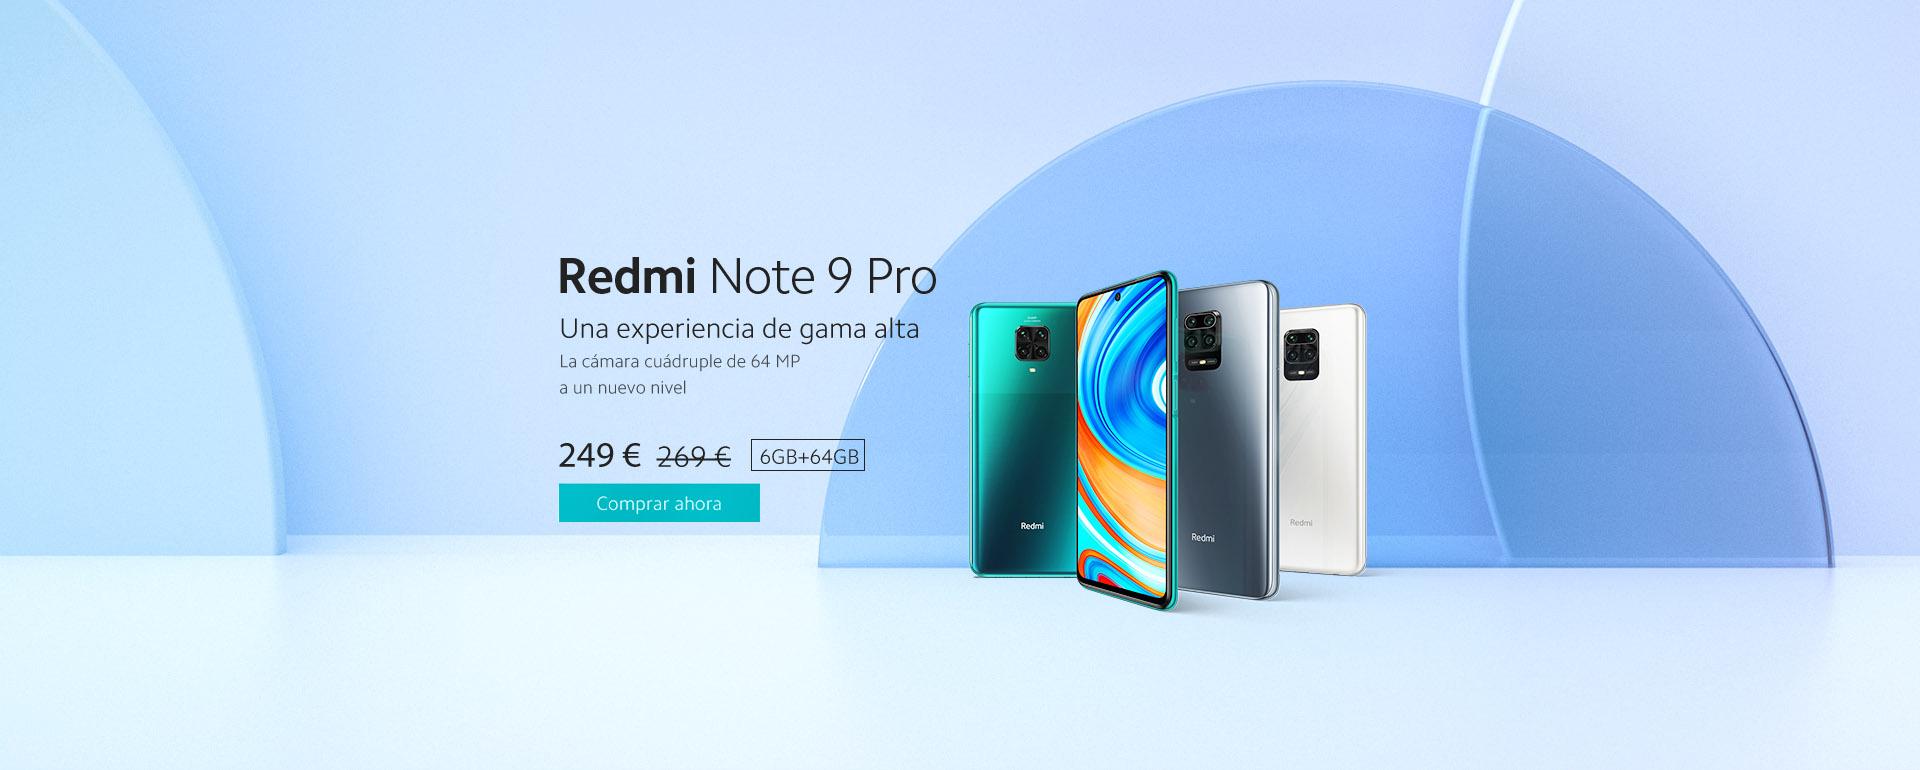 Redmi Note 9 Pro 6+64